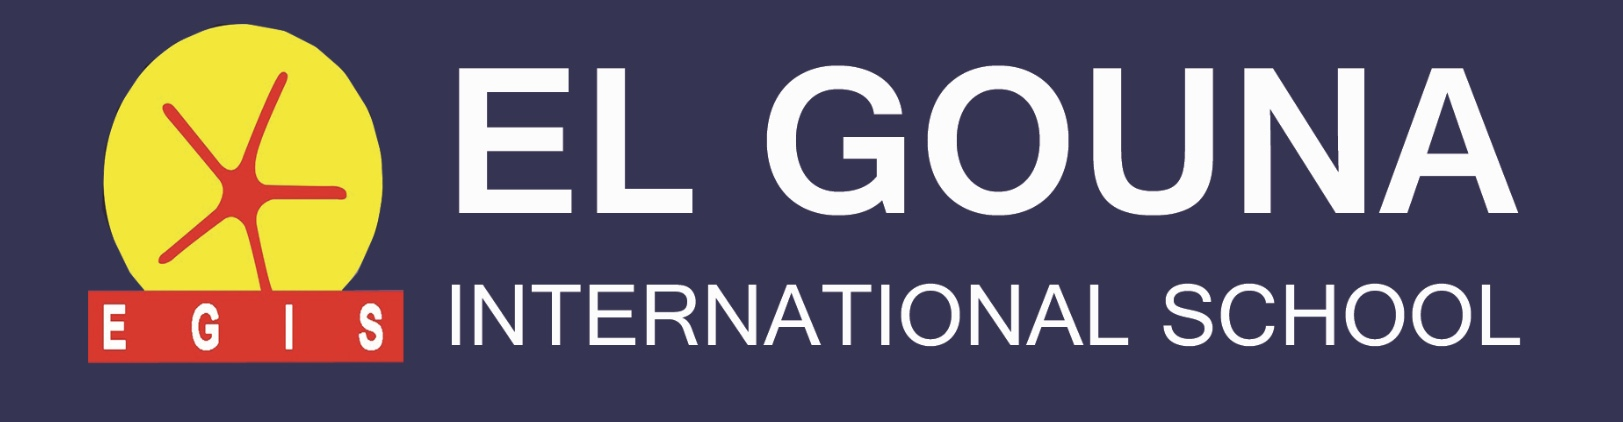 El Gouna International School